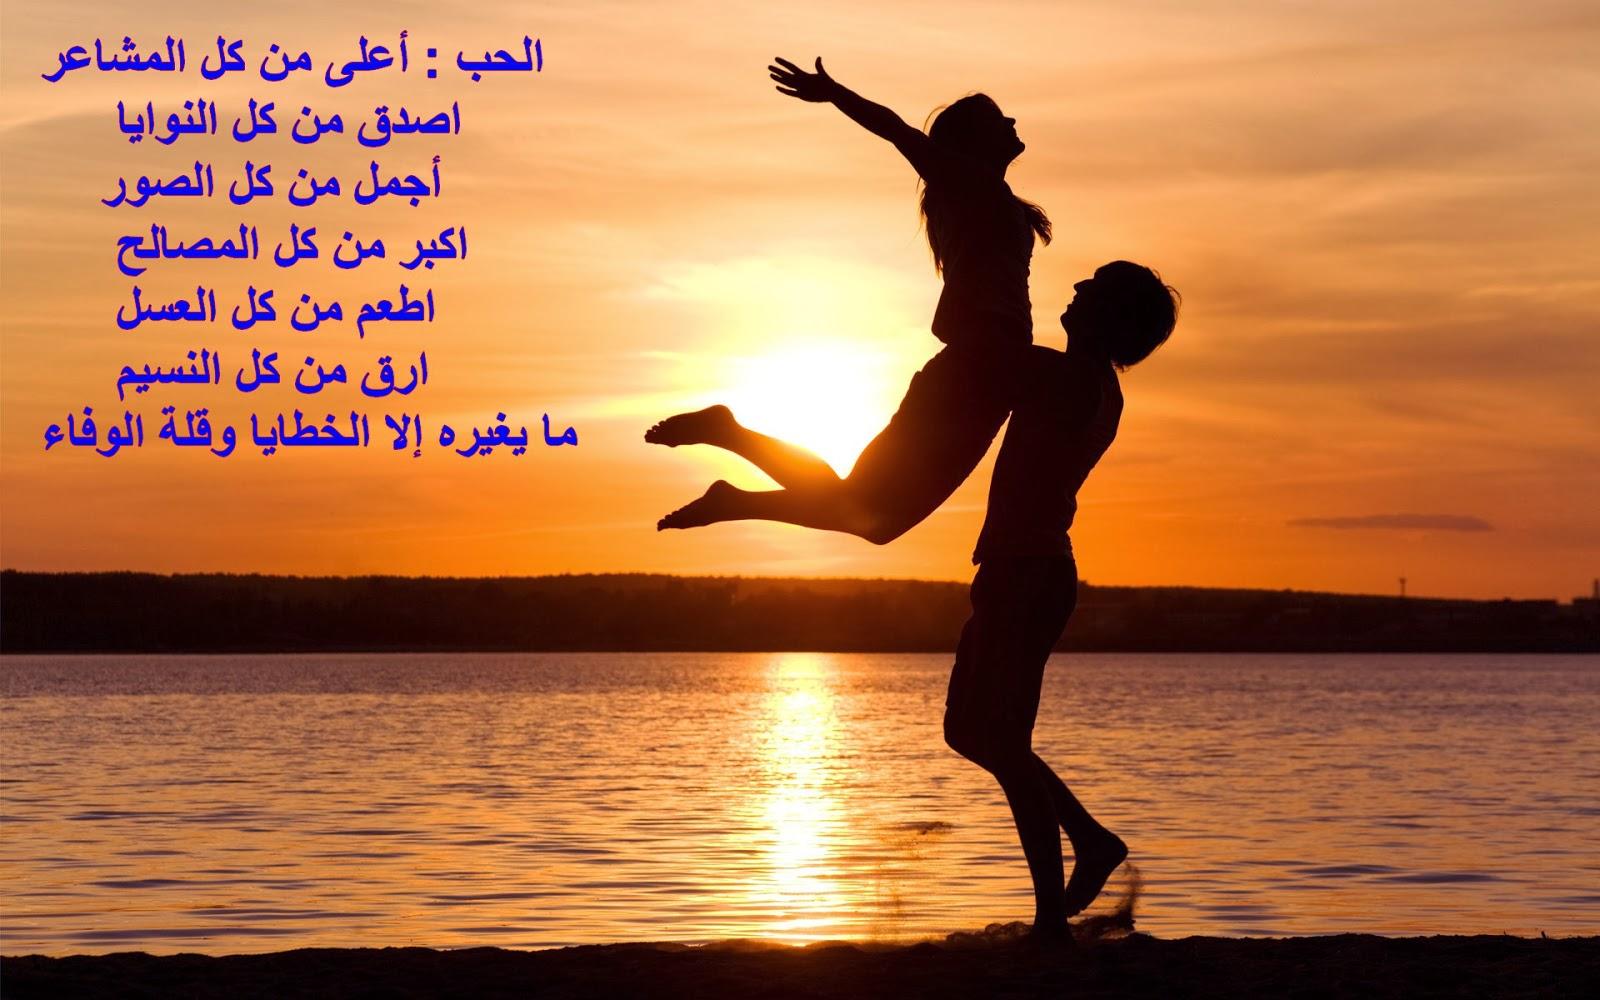 بالصور صور عن حبيبي , اجمل الصور للحبيب 5900 7